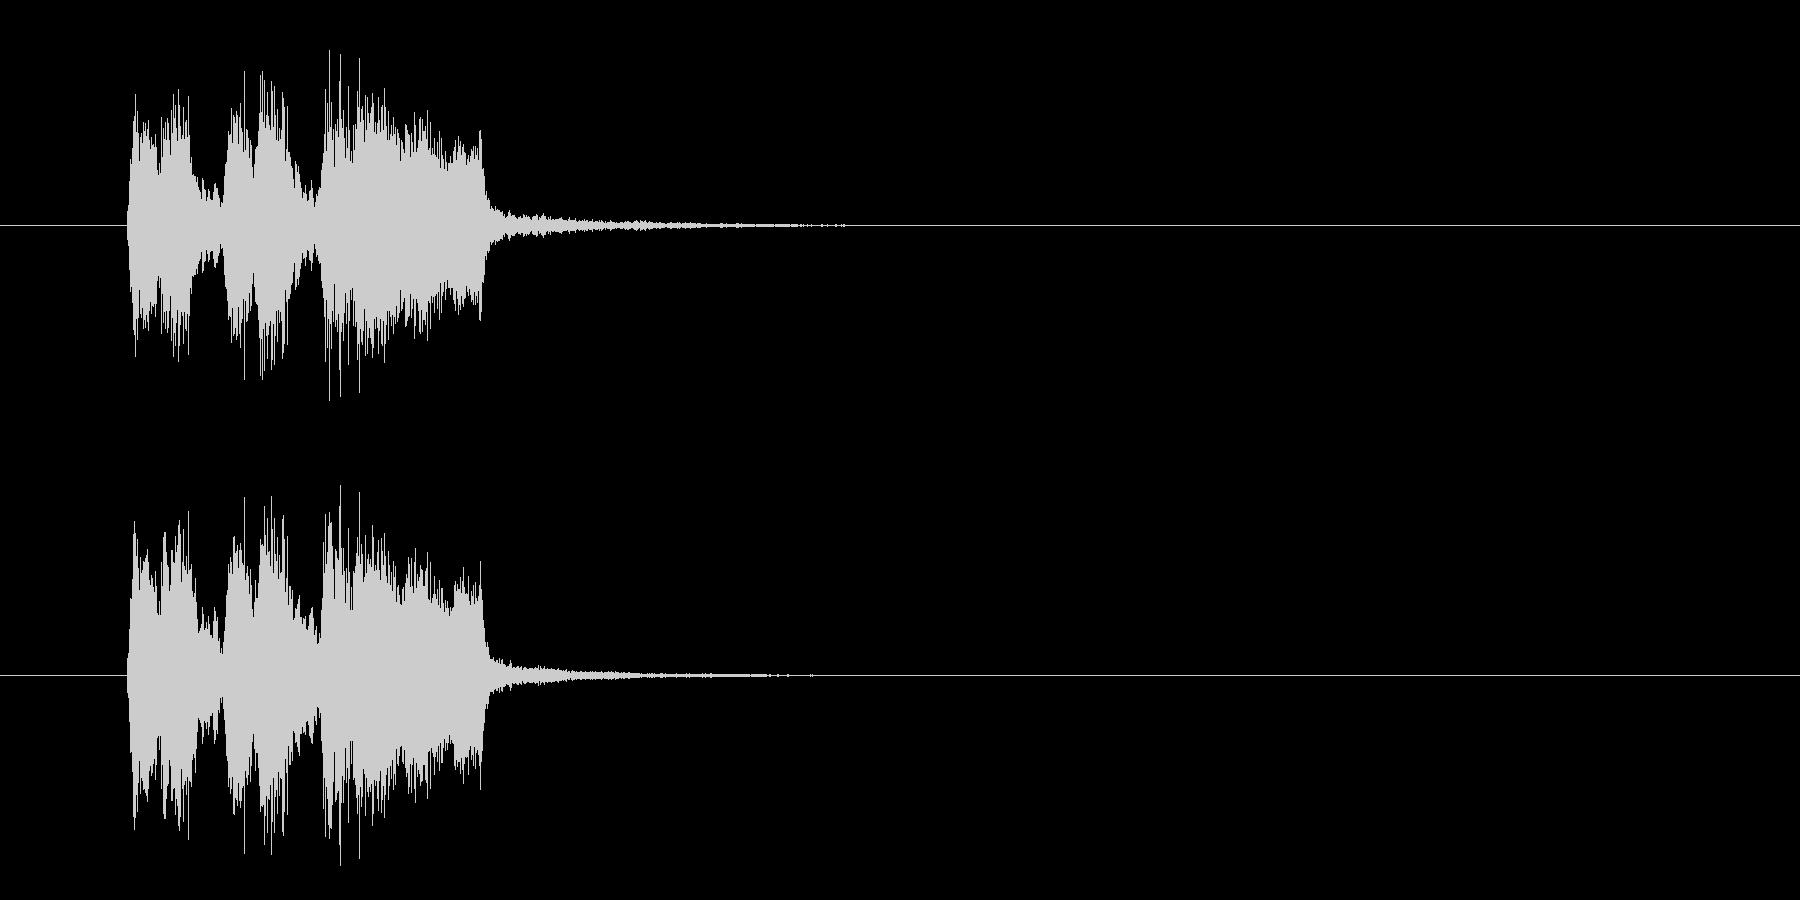 ジングル(シンプルなブラス)の未再生の波形